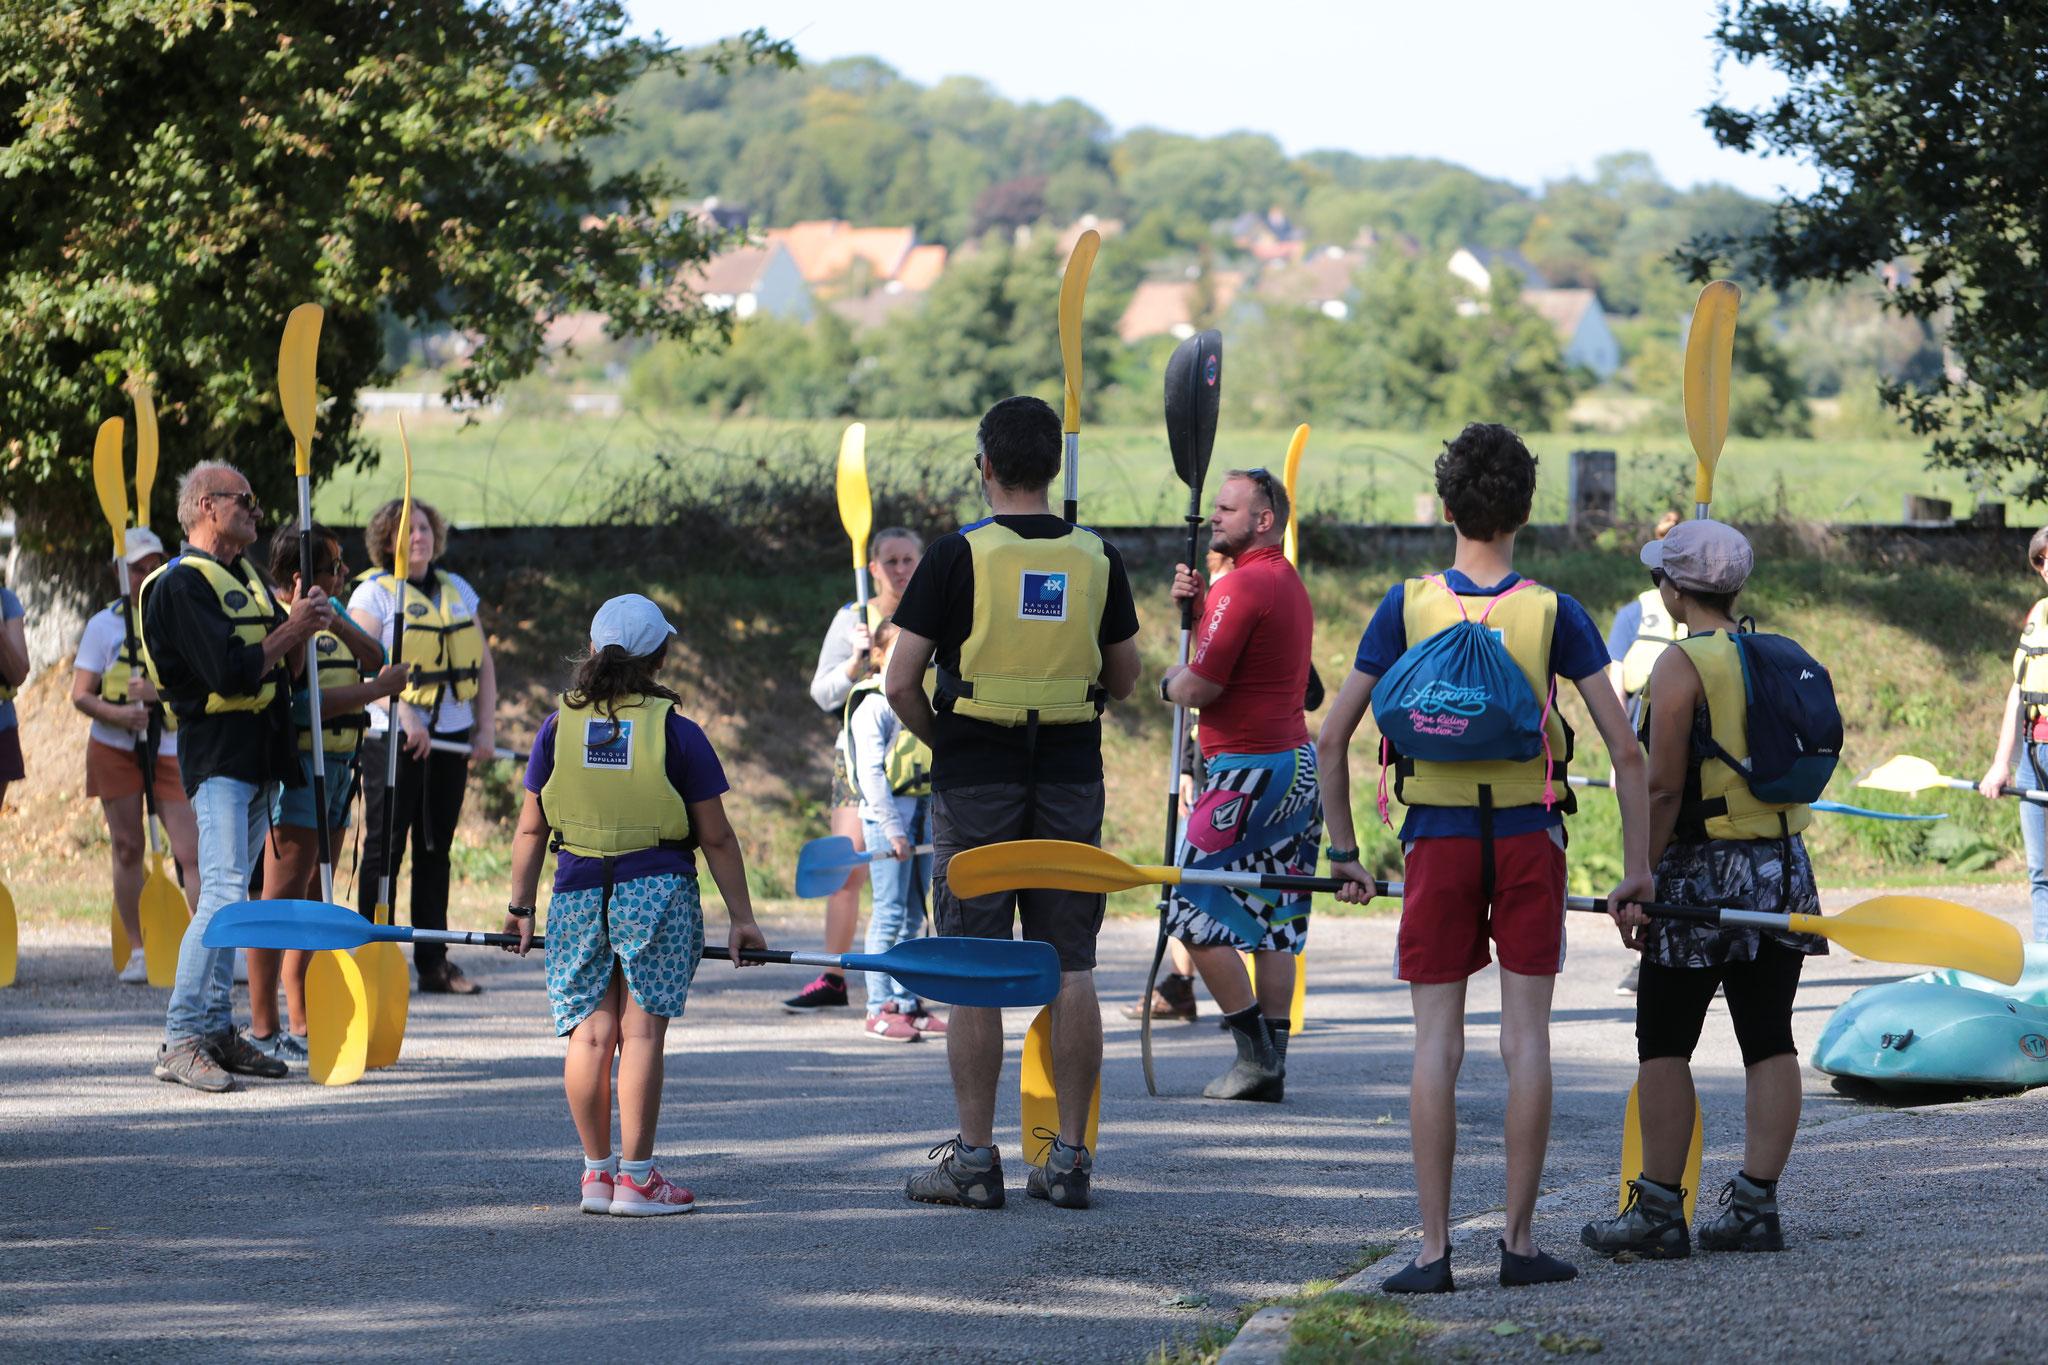 Préparation des participants avant la descente en canoë.